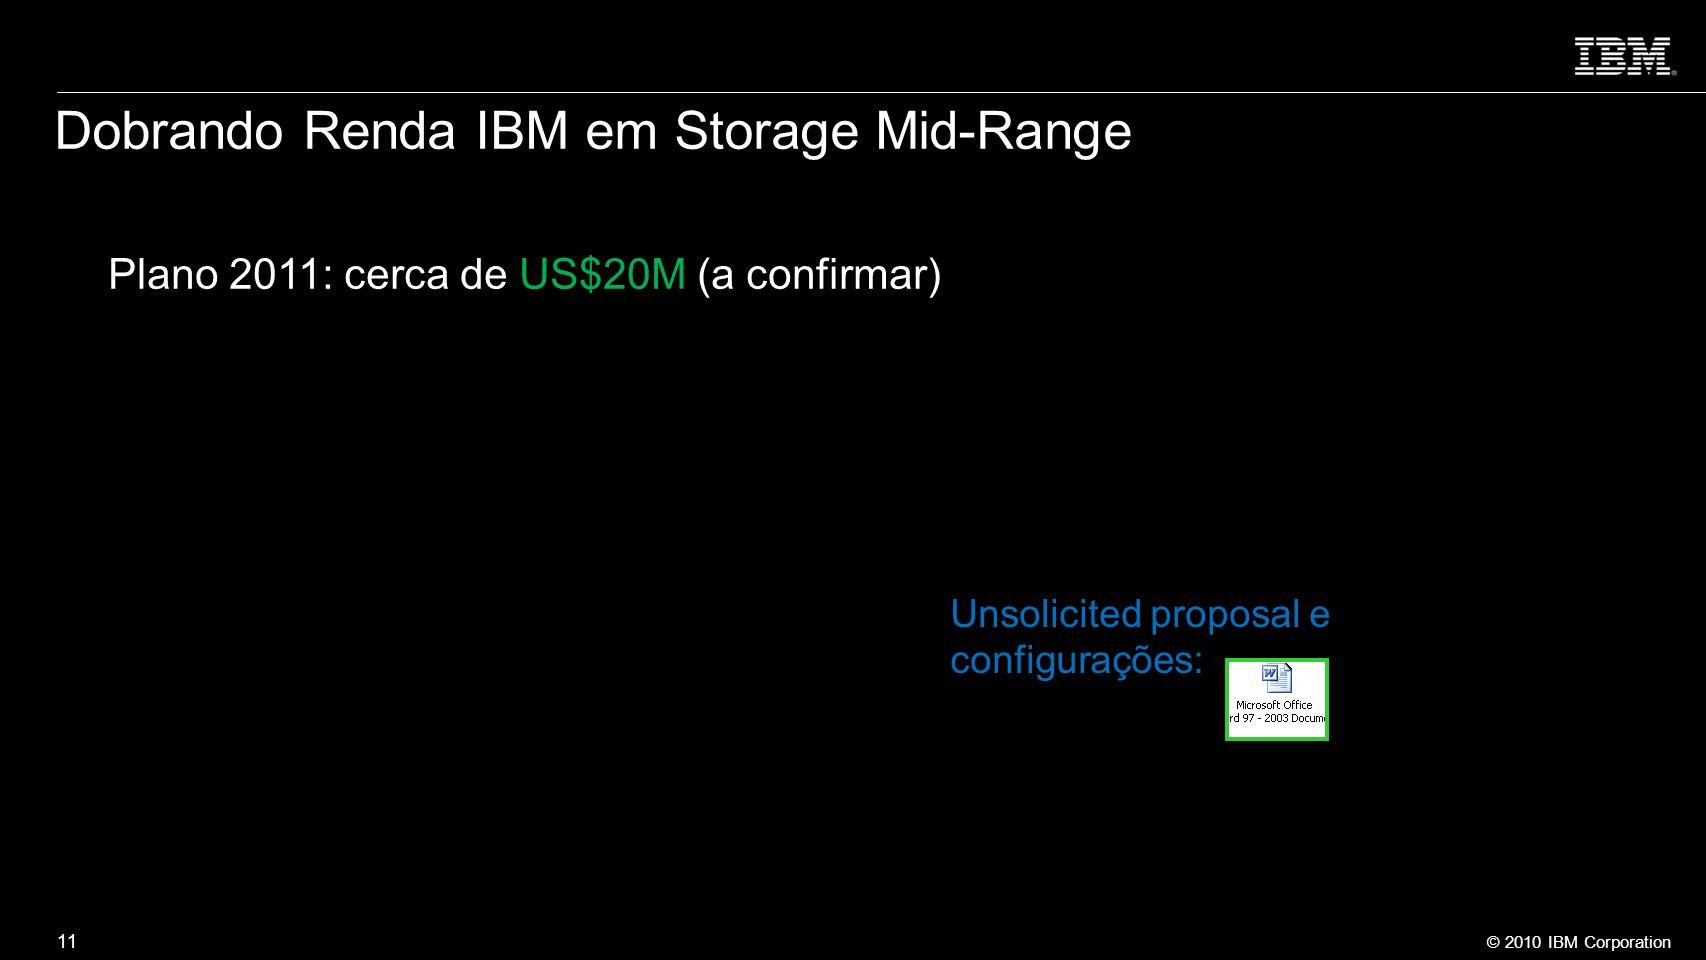 © 2010 IBM Corporation 11 Dobrando Renda IBM em Storage Mid-Range Plano 2011: cerca de US$20M (a confirmar) Unsolicited proposal e configurações: